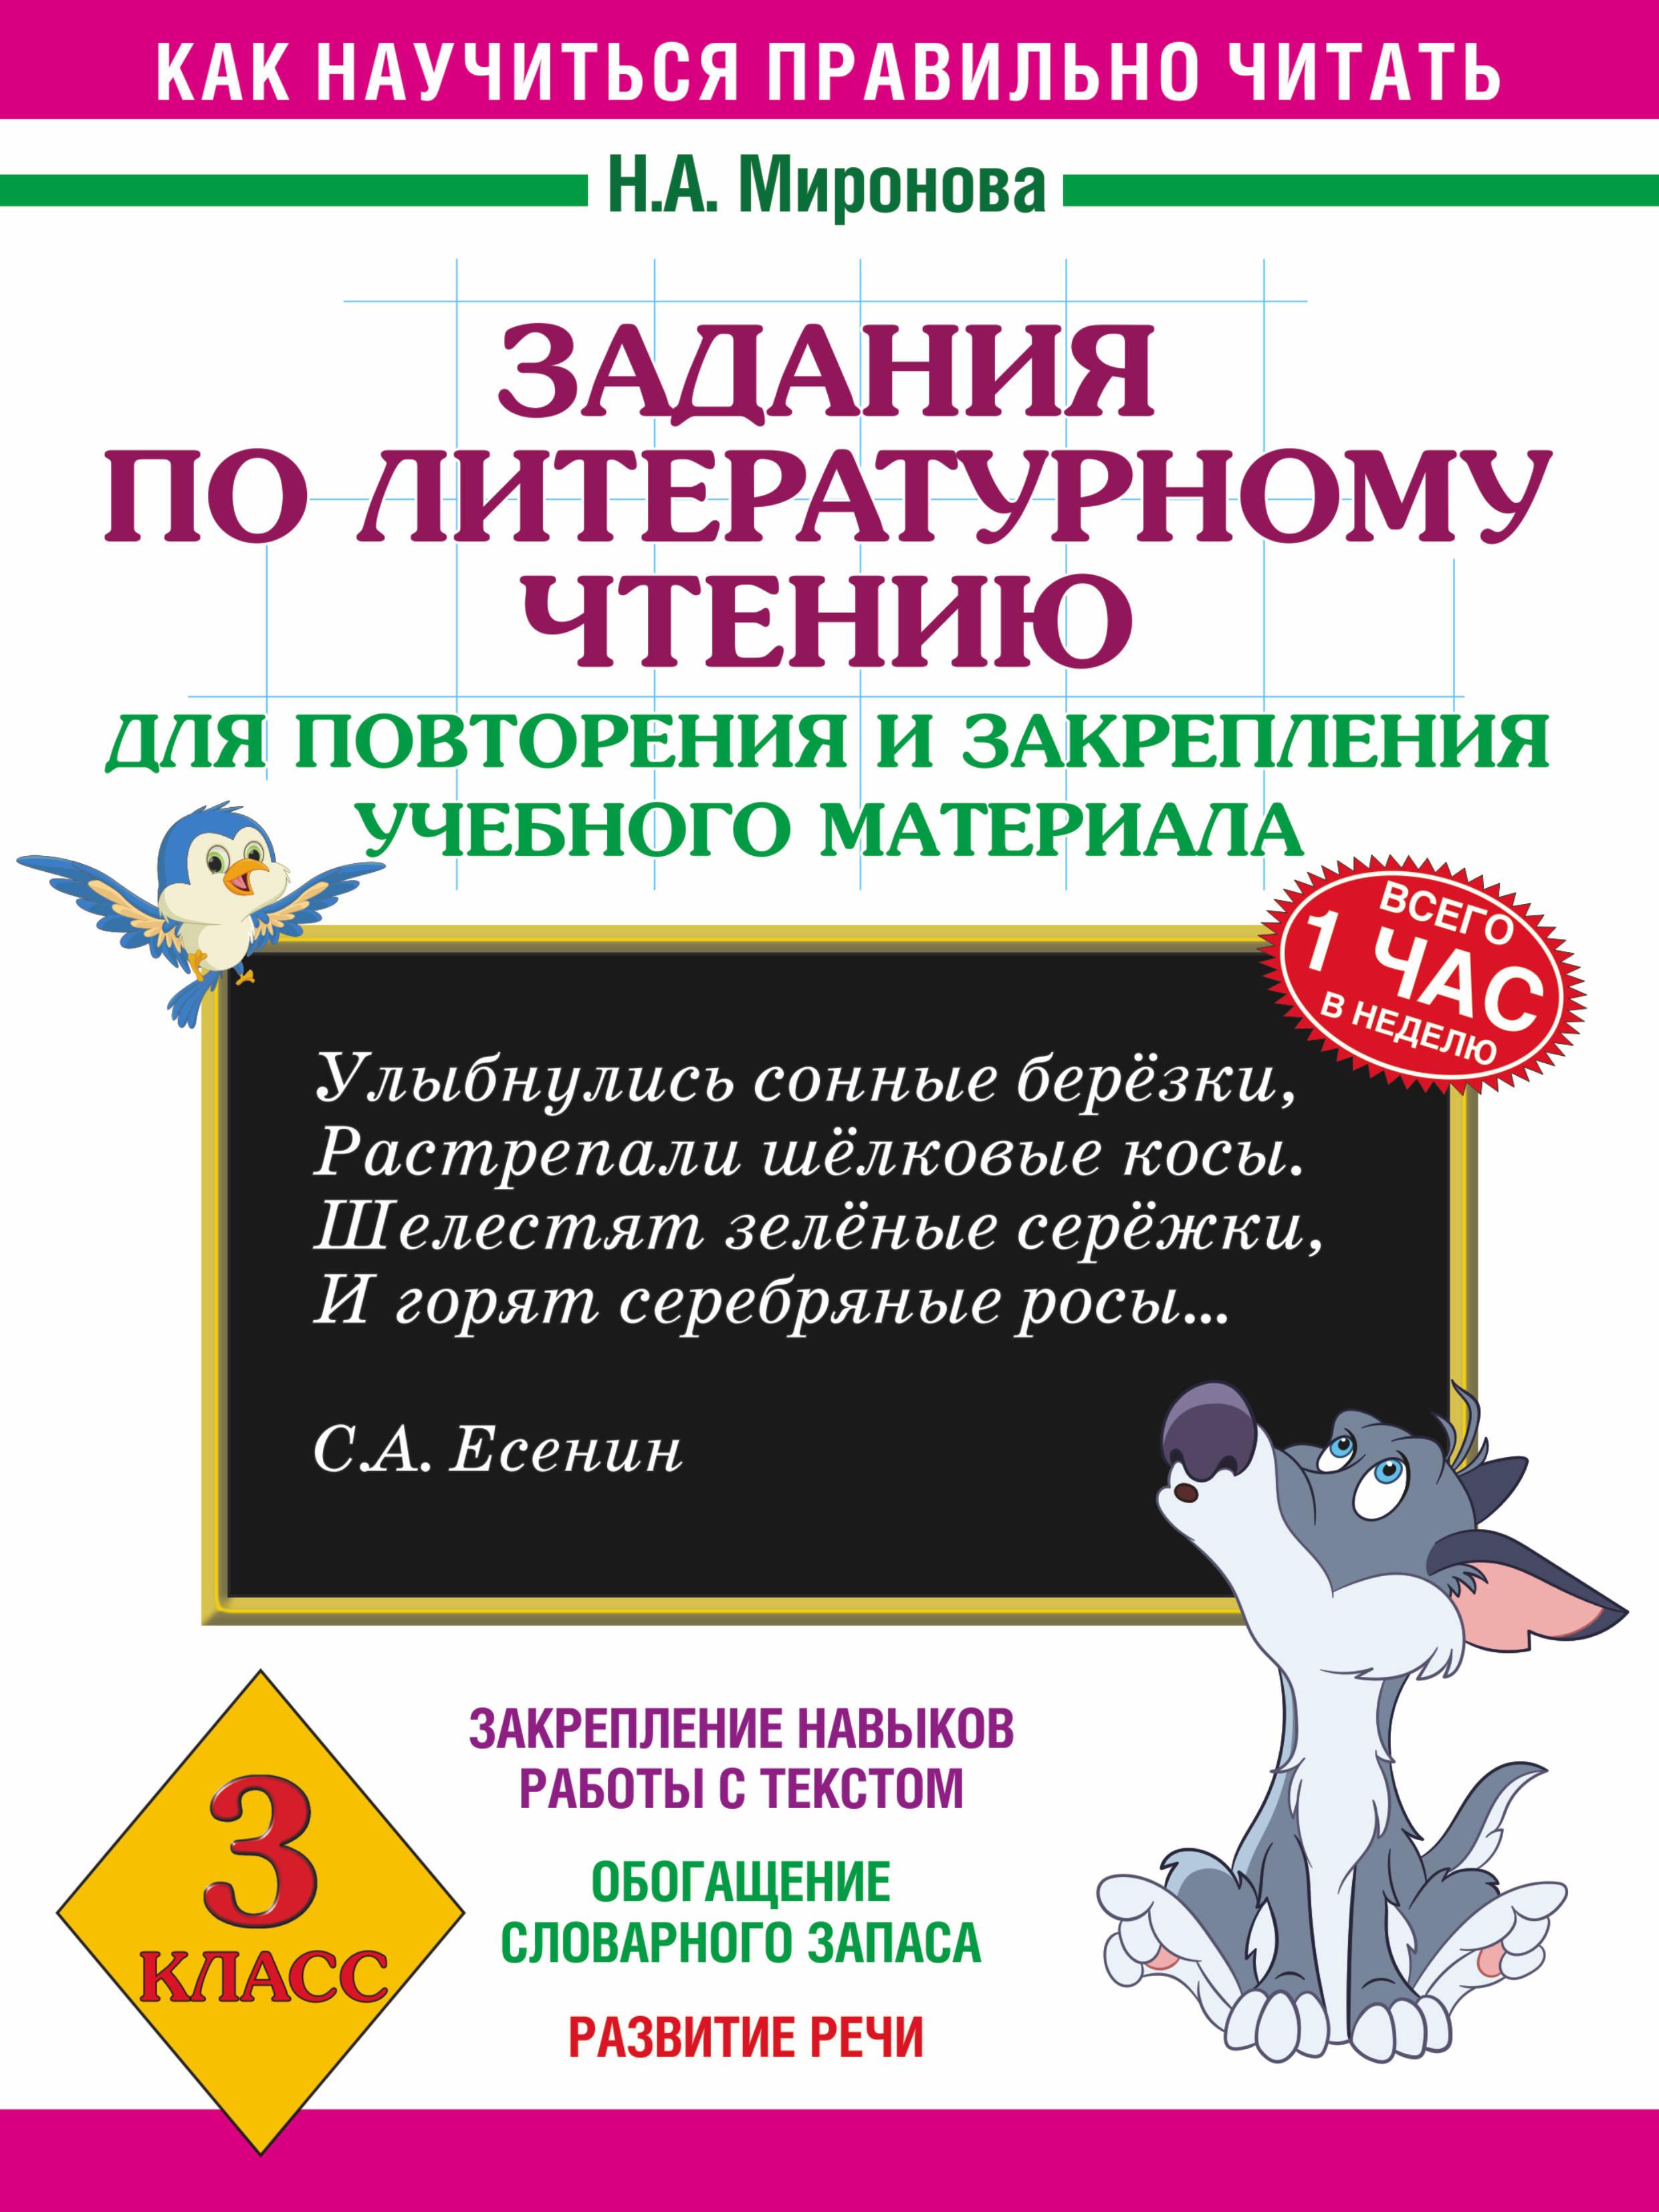 Задания по литературному чтению для повторения и закрепления учебного материала. 3 класс ( Миронова Н.А.  )